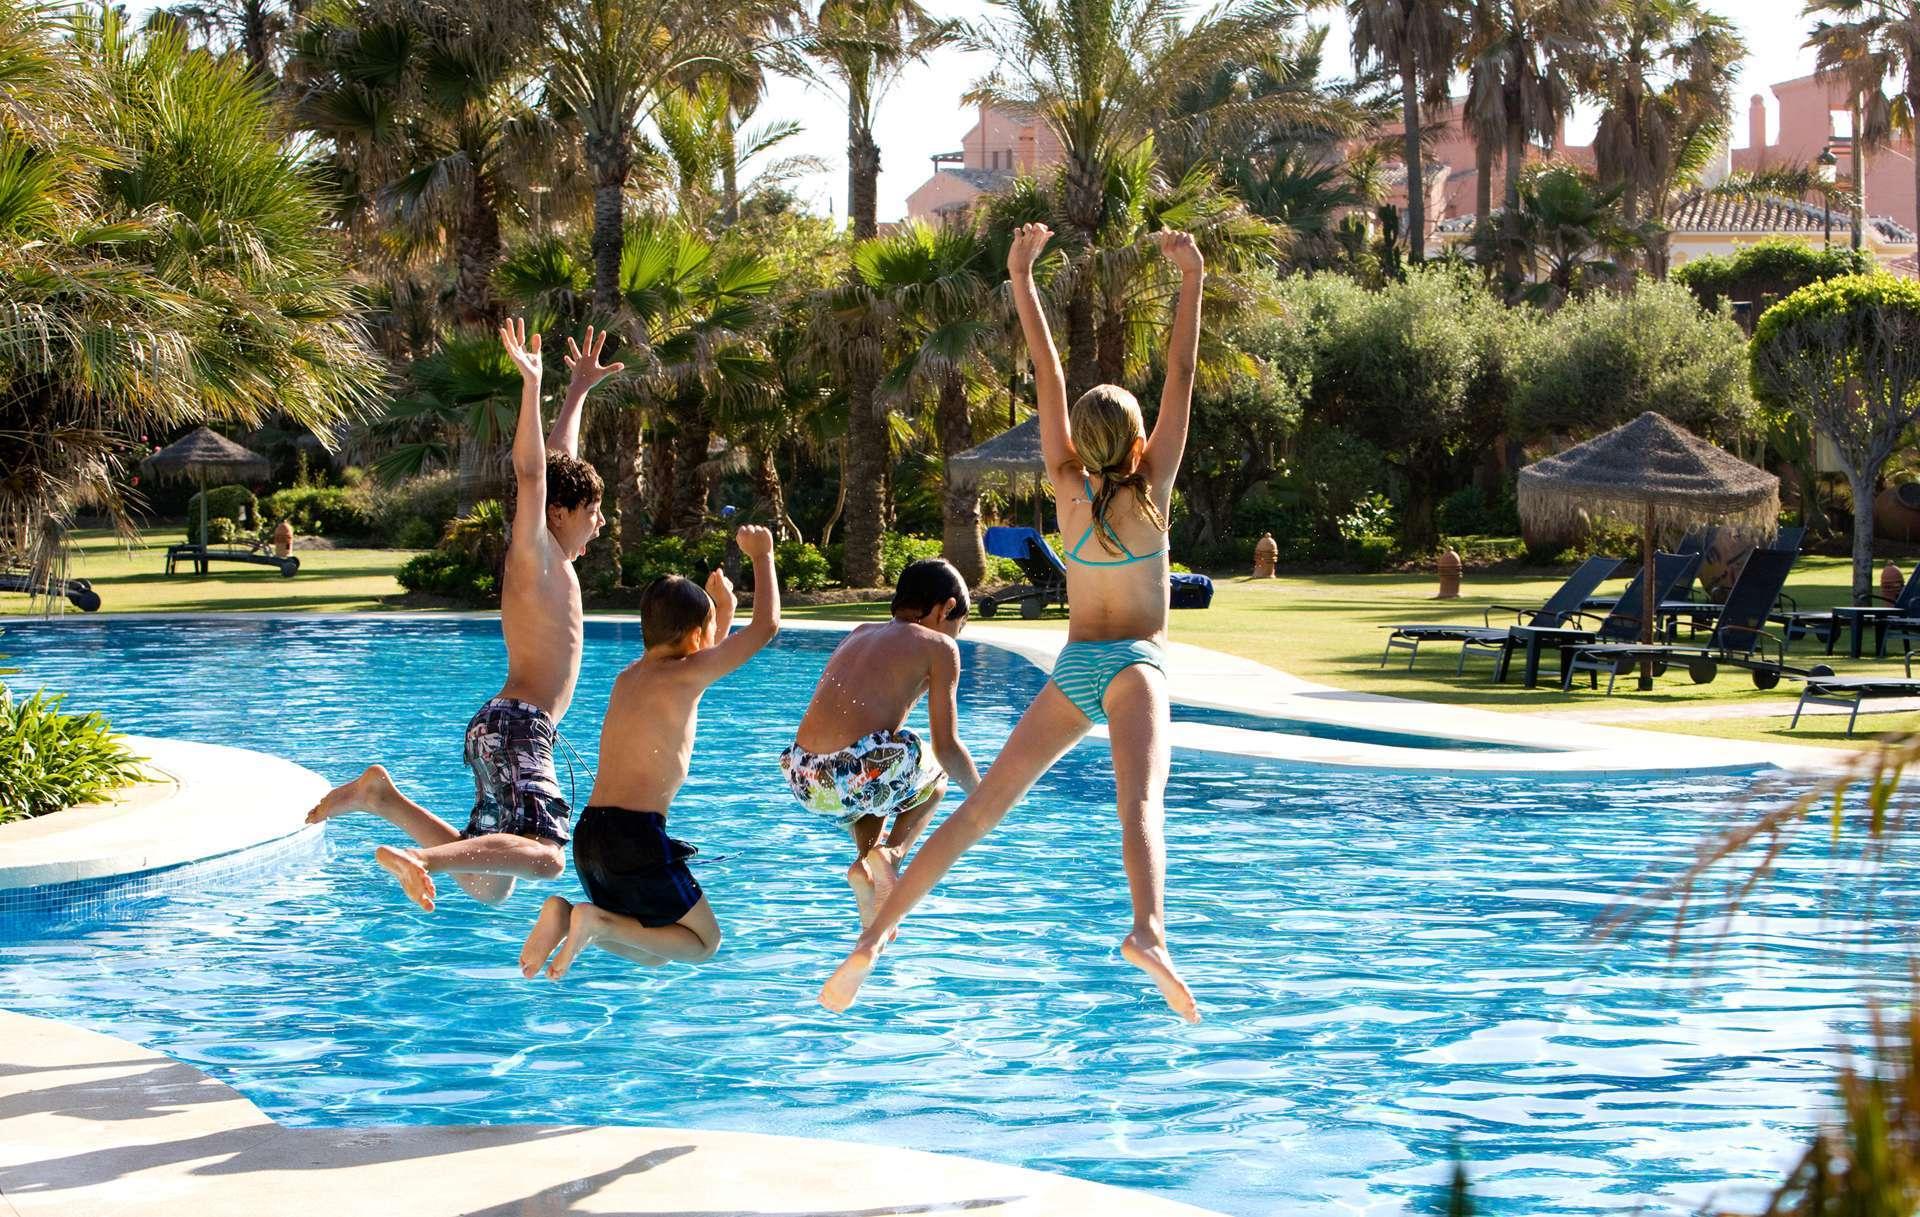 Alarma para piscinas momentos piscina blog for Piscinas bebes